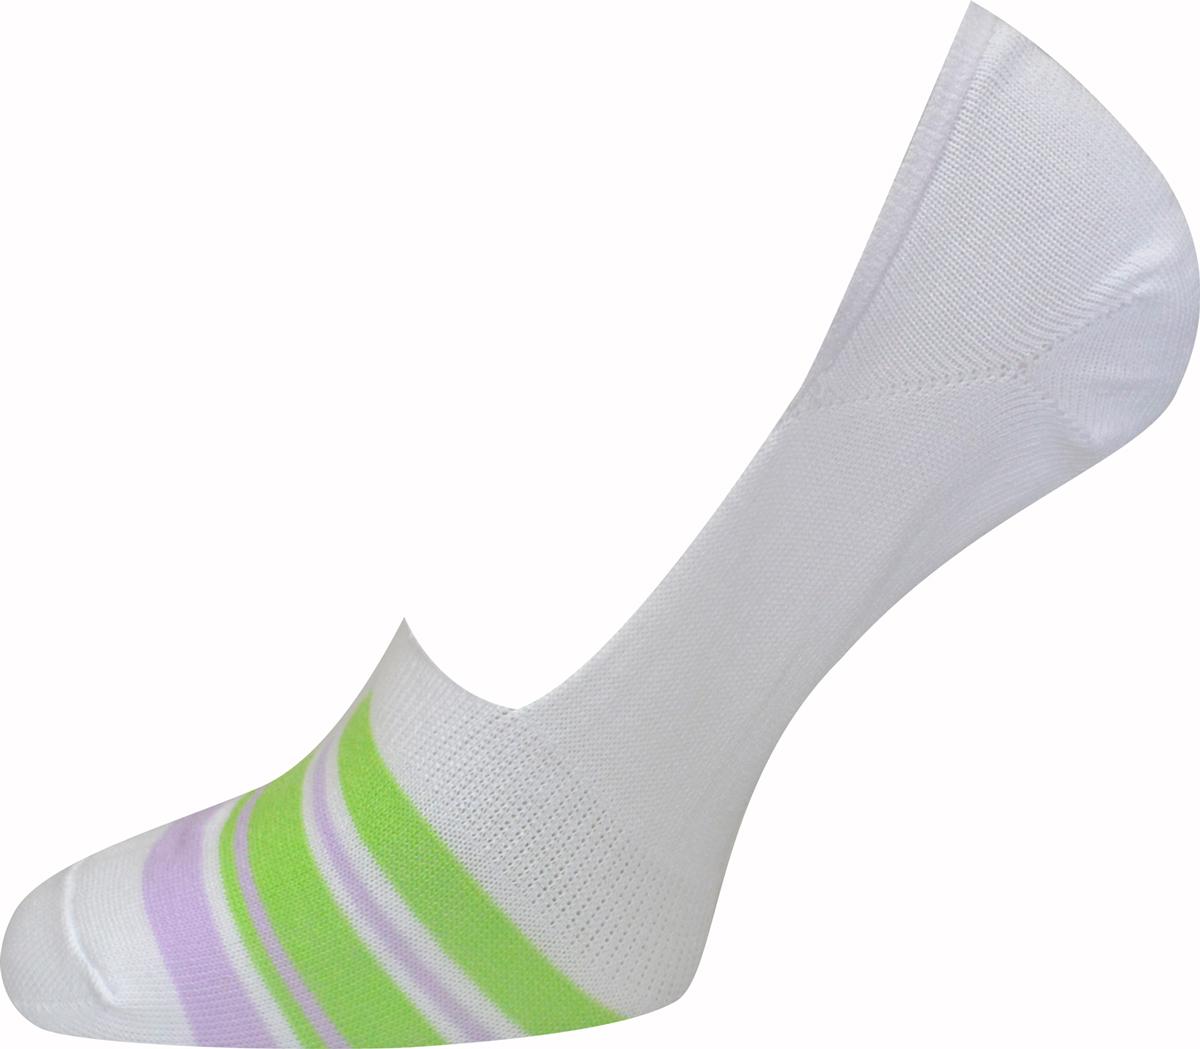 Подследники женские Master Socks, цвет: белый, зеленый. 55830. Размер 2355830Удобные подследники Master Socks, изготовленные из высококачественного комбинированного материала с хлопковой основой, очень мягкие и приятные на ощупь, позволяют коже дышать. Практичные и комфортные подследники великолепно подойдут к любой вашей обуви.